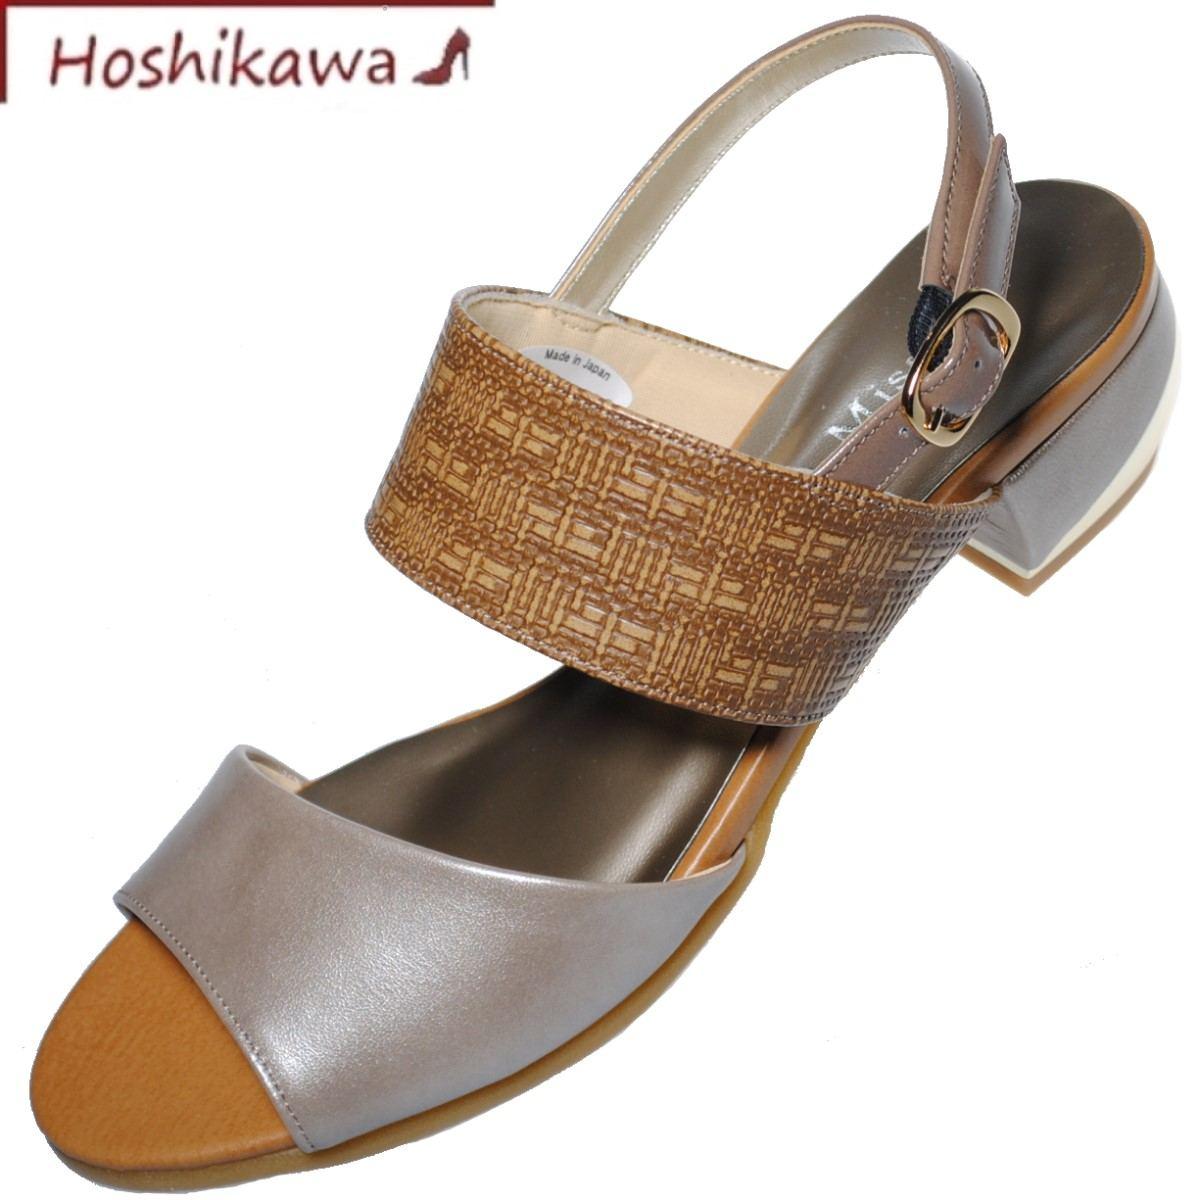 ドナミス サンダル 在庫一掃 バックバンド ローヒール 日本製 牛革 靴のHOSHIKAWA Miss Dona 期間限定特別価格 22cm~24.5cm 6726 EEE